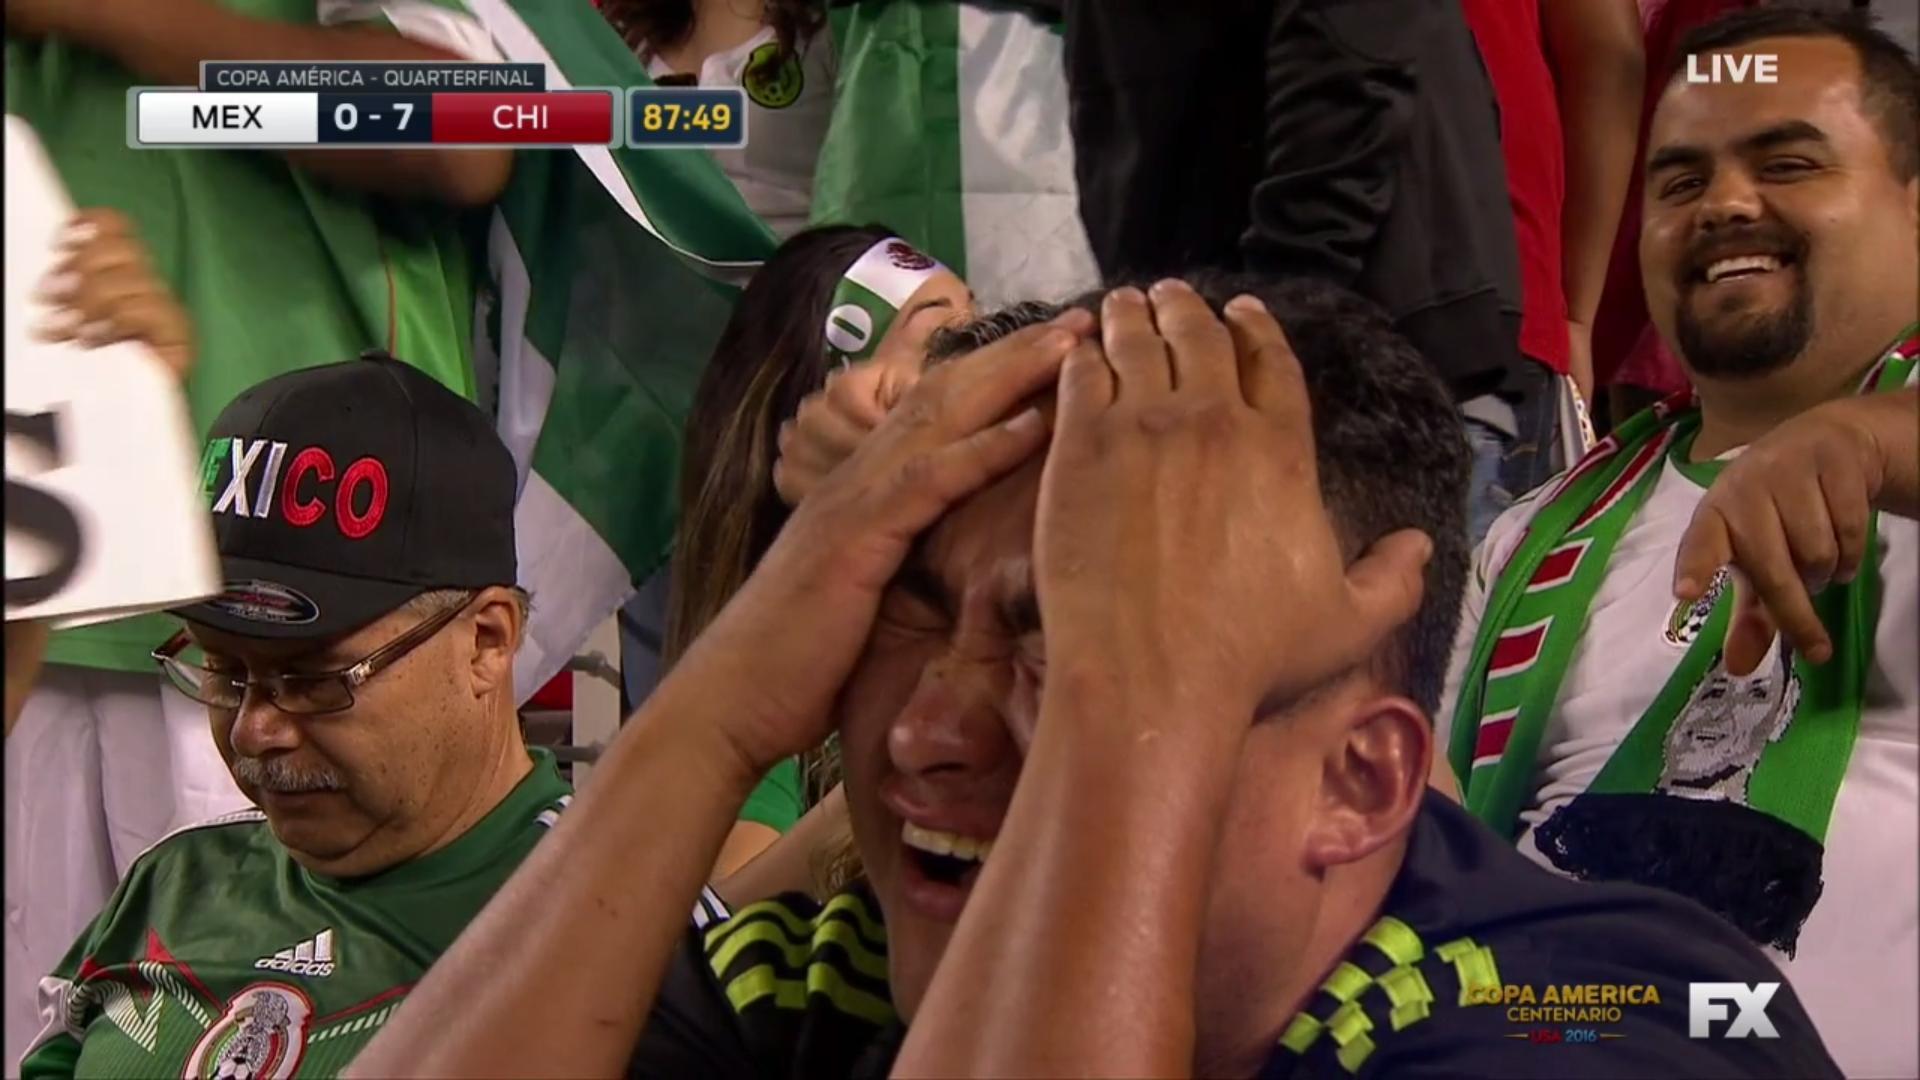 Mexico 0-7 (SEVEN) Chile